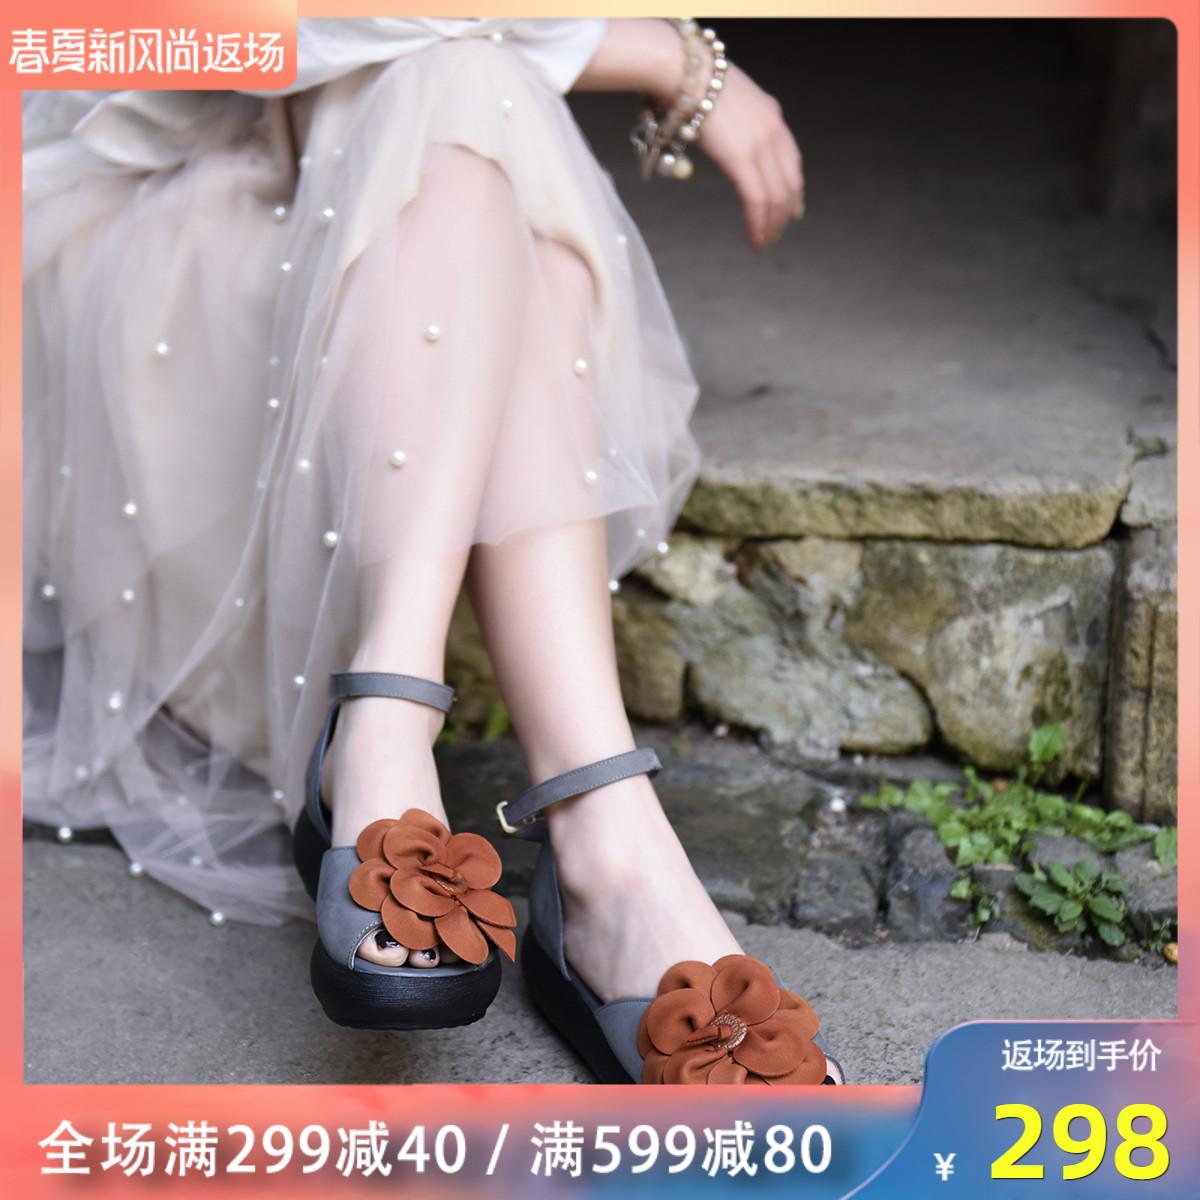 松糕厚底凉鞋 Artmu阿木原创复古森女花朵厚底坡跟凉鞋女真皮一字扣松糕女鞋_推荐淘宝好看的女松糕厚底凉鞋